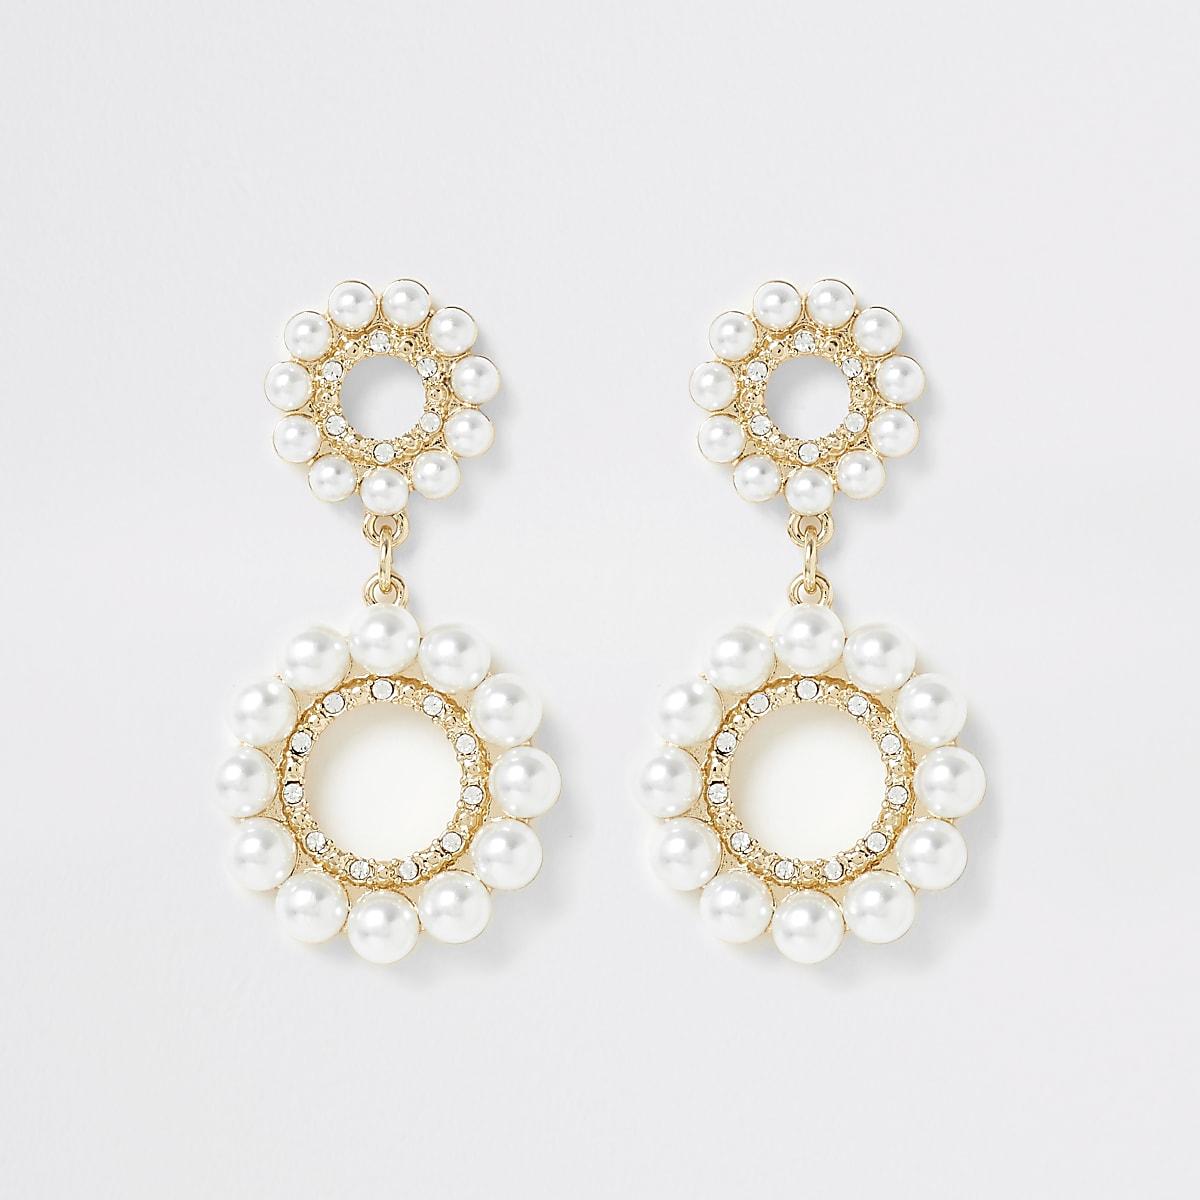 Pendants d'oreilles à anneaux dorés à perles